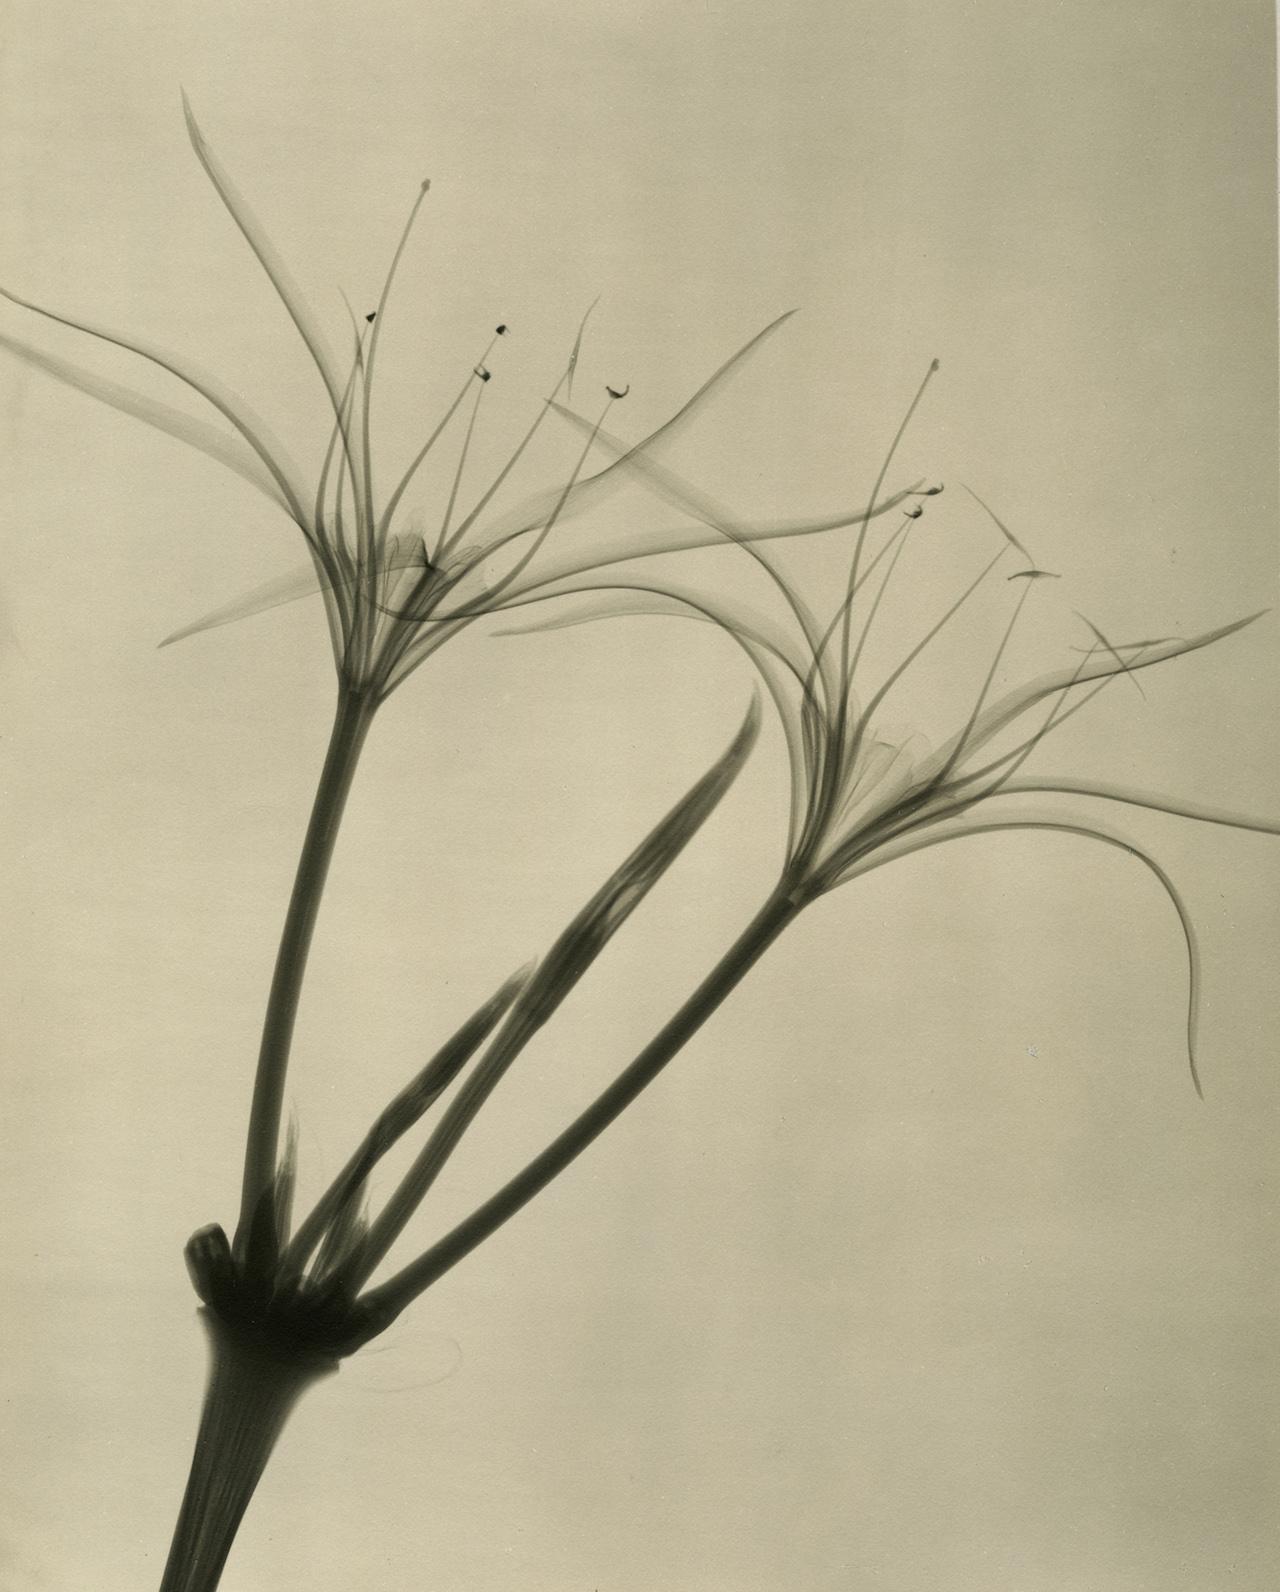 Dr. Dain L. Tasker, Peruvian Daffodil, 1938